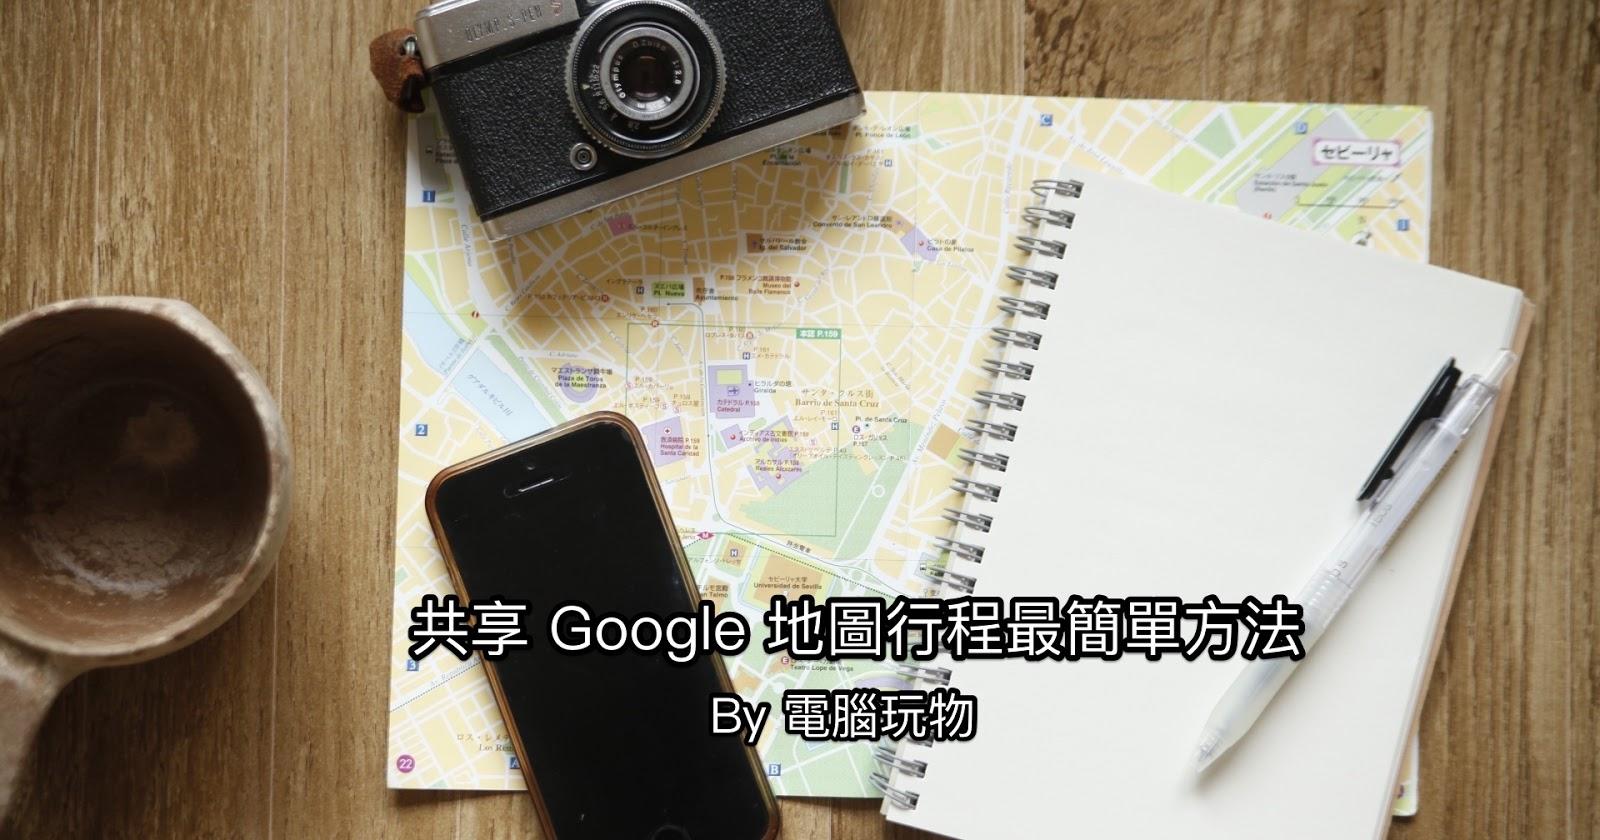 Google 地圖即時分享旅遊行程最簡單方法,不需麻煩我的地圖